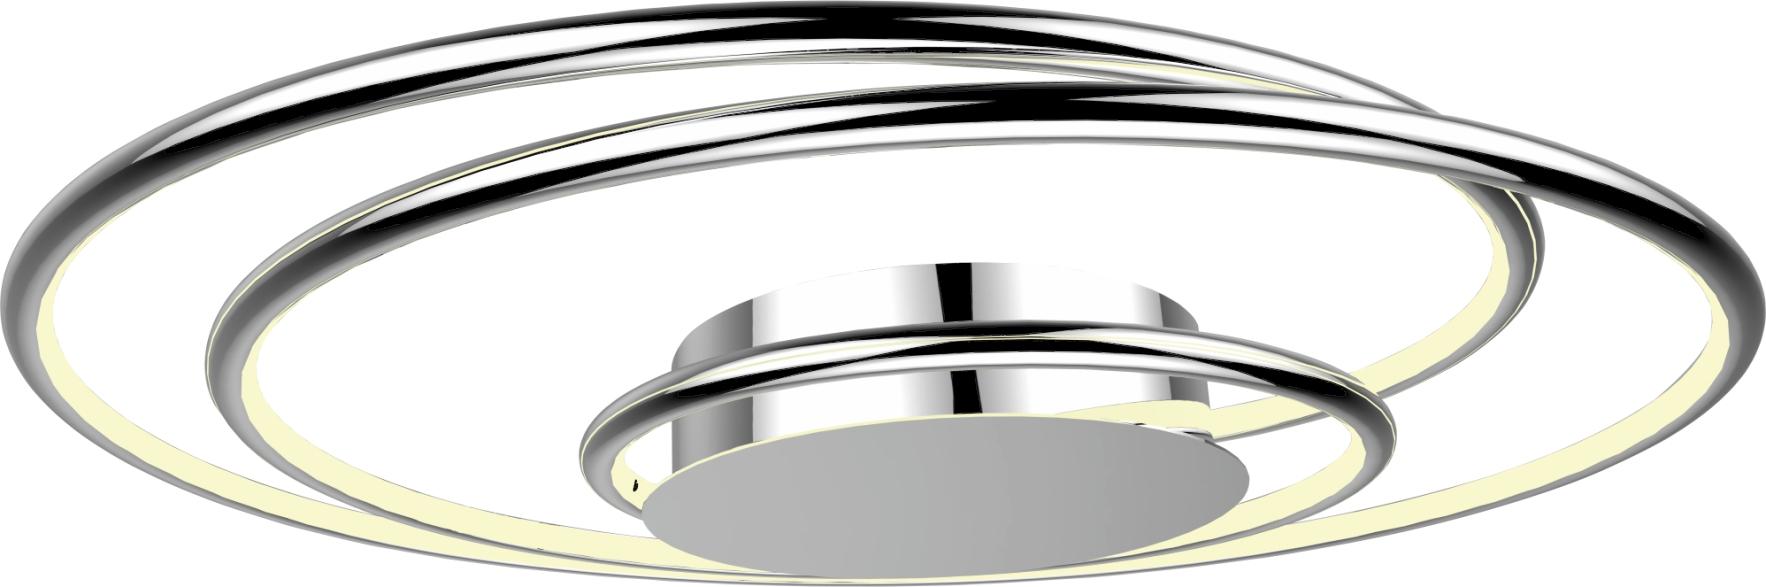 Klausen • Planet, LED-es mennyezeti lámpa, KL-6432